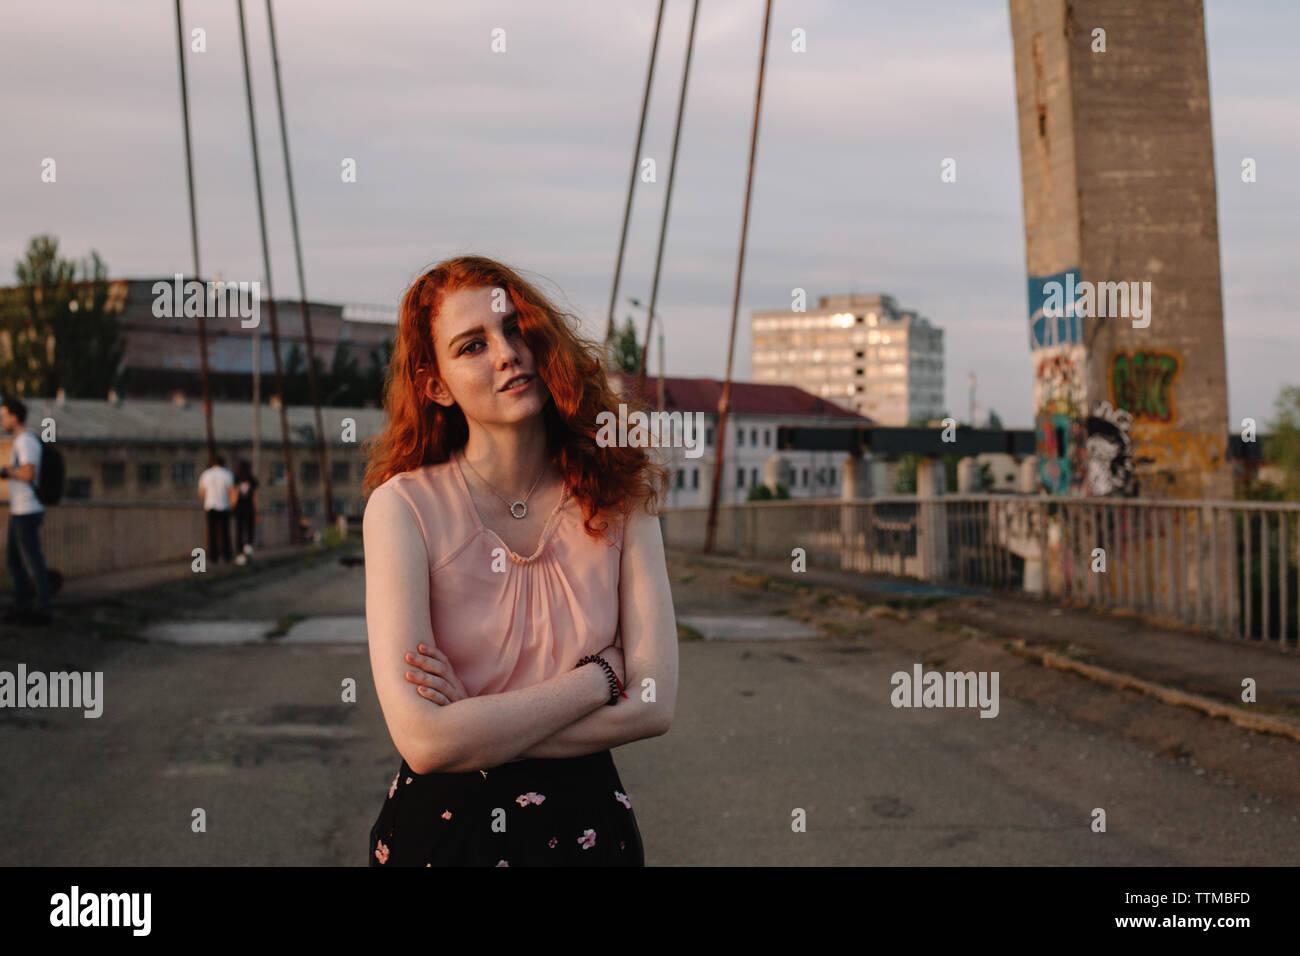 Porträt der jungen Frau mit roten Haaren steht auf der Brücke in der Stadt Stockfoto